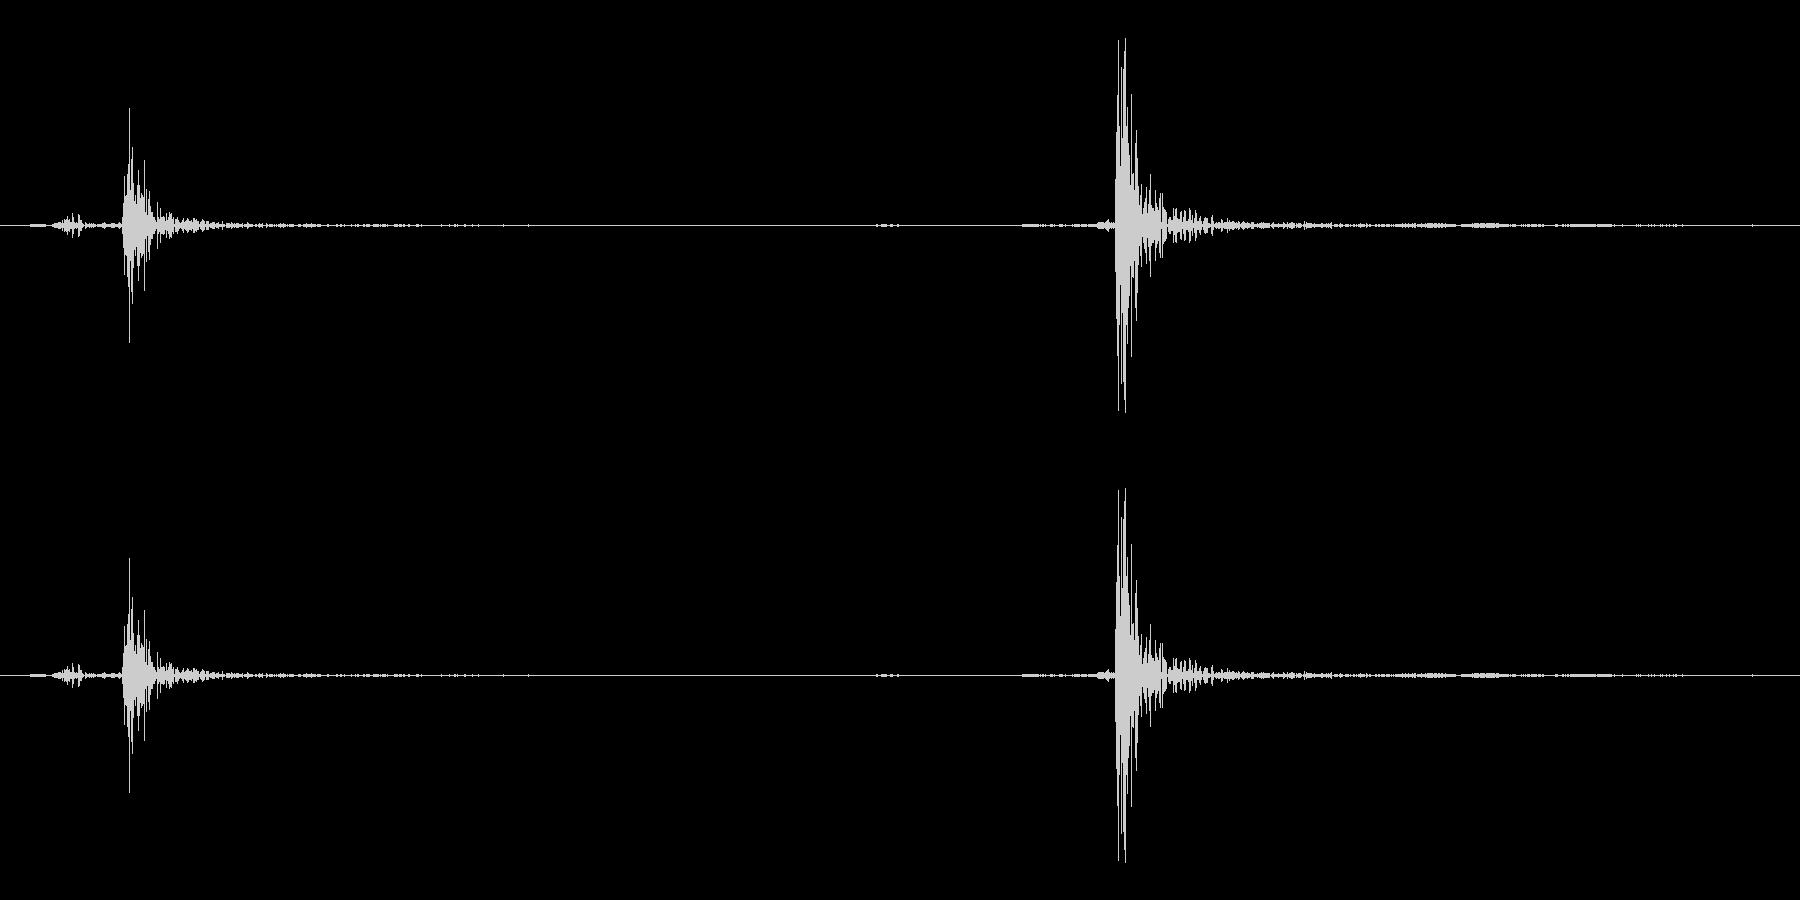 カーソル移動音4の未再生の波形